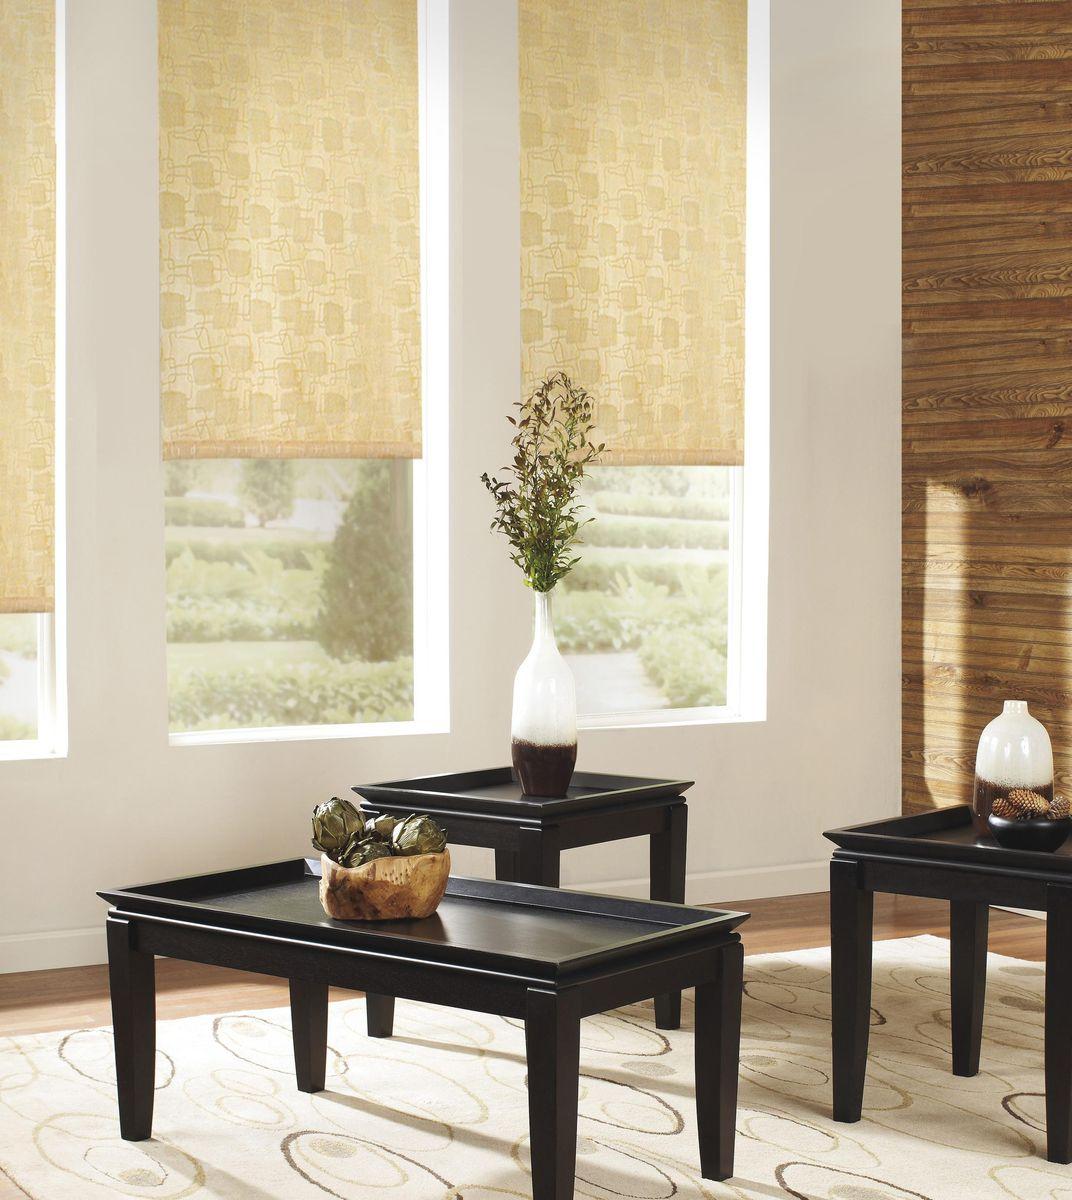 Штора рулонная Эскар Эдем, цвет: золотистый, ширина 150 см, высота 160 см87212150160Рулонными шторами можно оформлять окна как самостоятельно, так и использовать в комбинации с портьерами. Это поможет предотвратить выгорание дорогой ткани на солнце и соединит функционал рулонных с красотой навесных. Преимущества применения рулонных штор для пластиковых окон: - имеют прекрасный внешний вид: многообразие и фактурность материала изделия отлично смотрятся в любом интерьере; - многофункциональны: есть возможность подобрать шторы способные эффективно защитить комнату от солнца, при этом она не будет слишком темной. - Есть возможность осуществить быстрый монтаж. ВНИМАНИЕ! Размеры ширины изделия указаны по ширине ткани! Во время эксплуатации не рекомендуется полностью разматывать рулон, чтобы не оторвать ткань от намоточного вала. В случае загрязнения поверхности ткани, чистку шторы проводят одним из способов, в зависимости от типа загрязнения: легкое поверхностное загрязнение можно удалить при помощи канцелярского ластика; чистка от пыли производится сухим методом при...